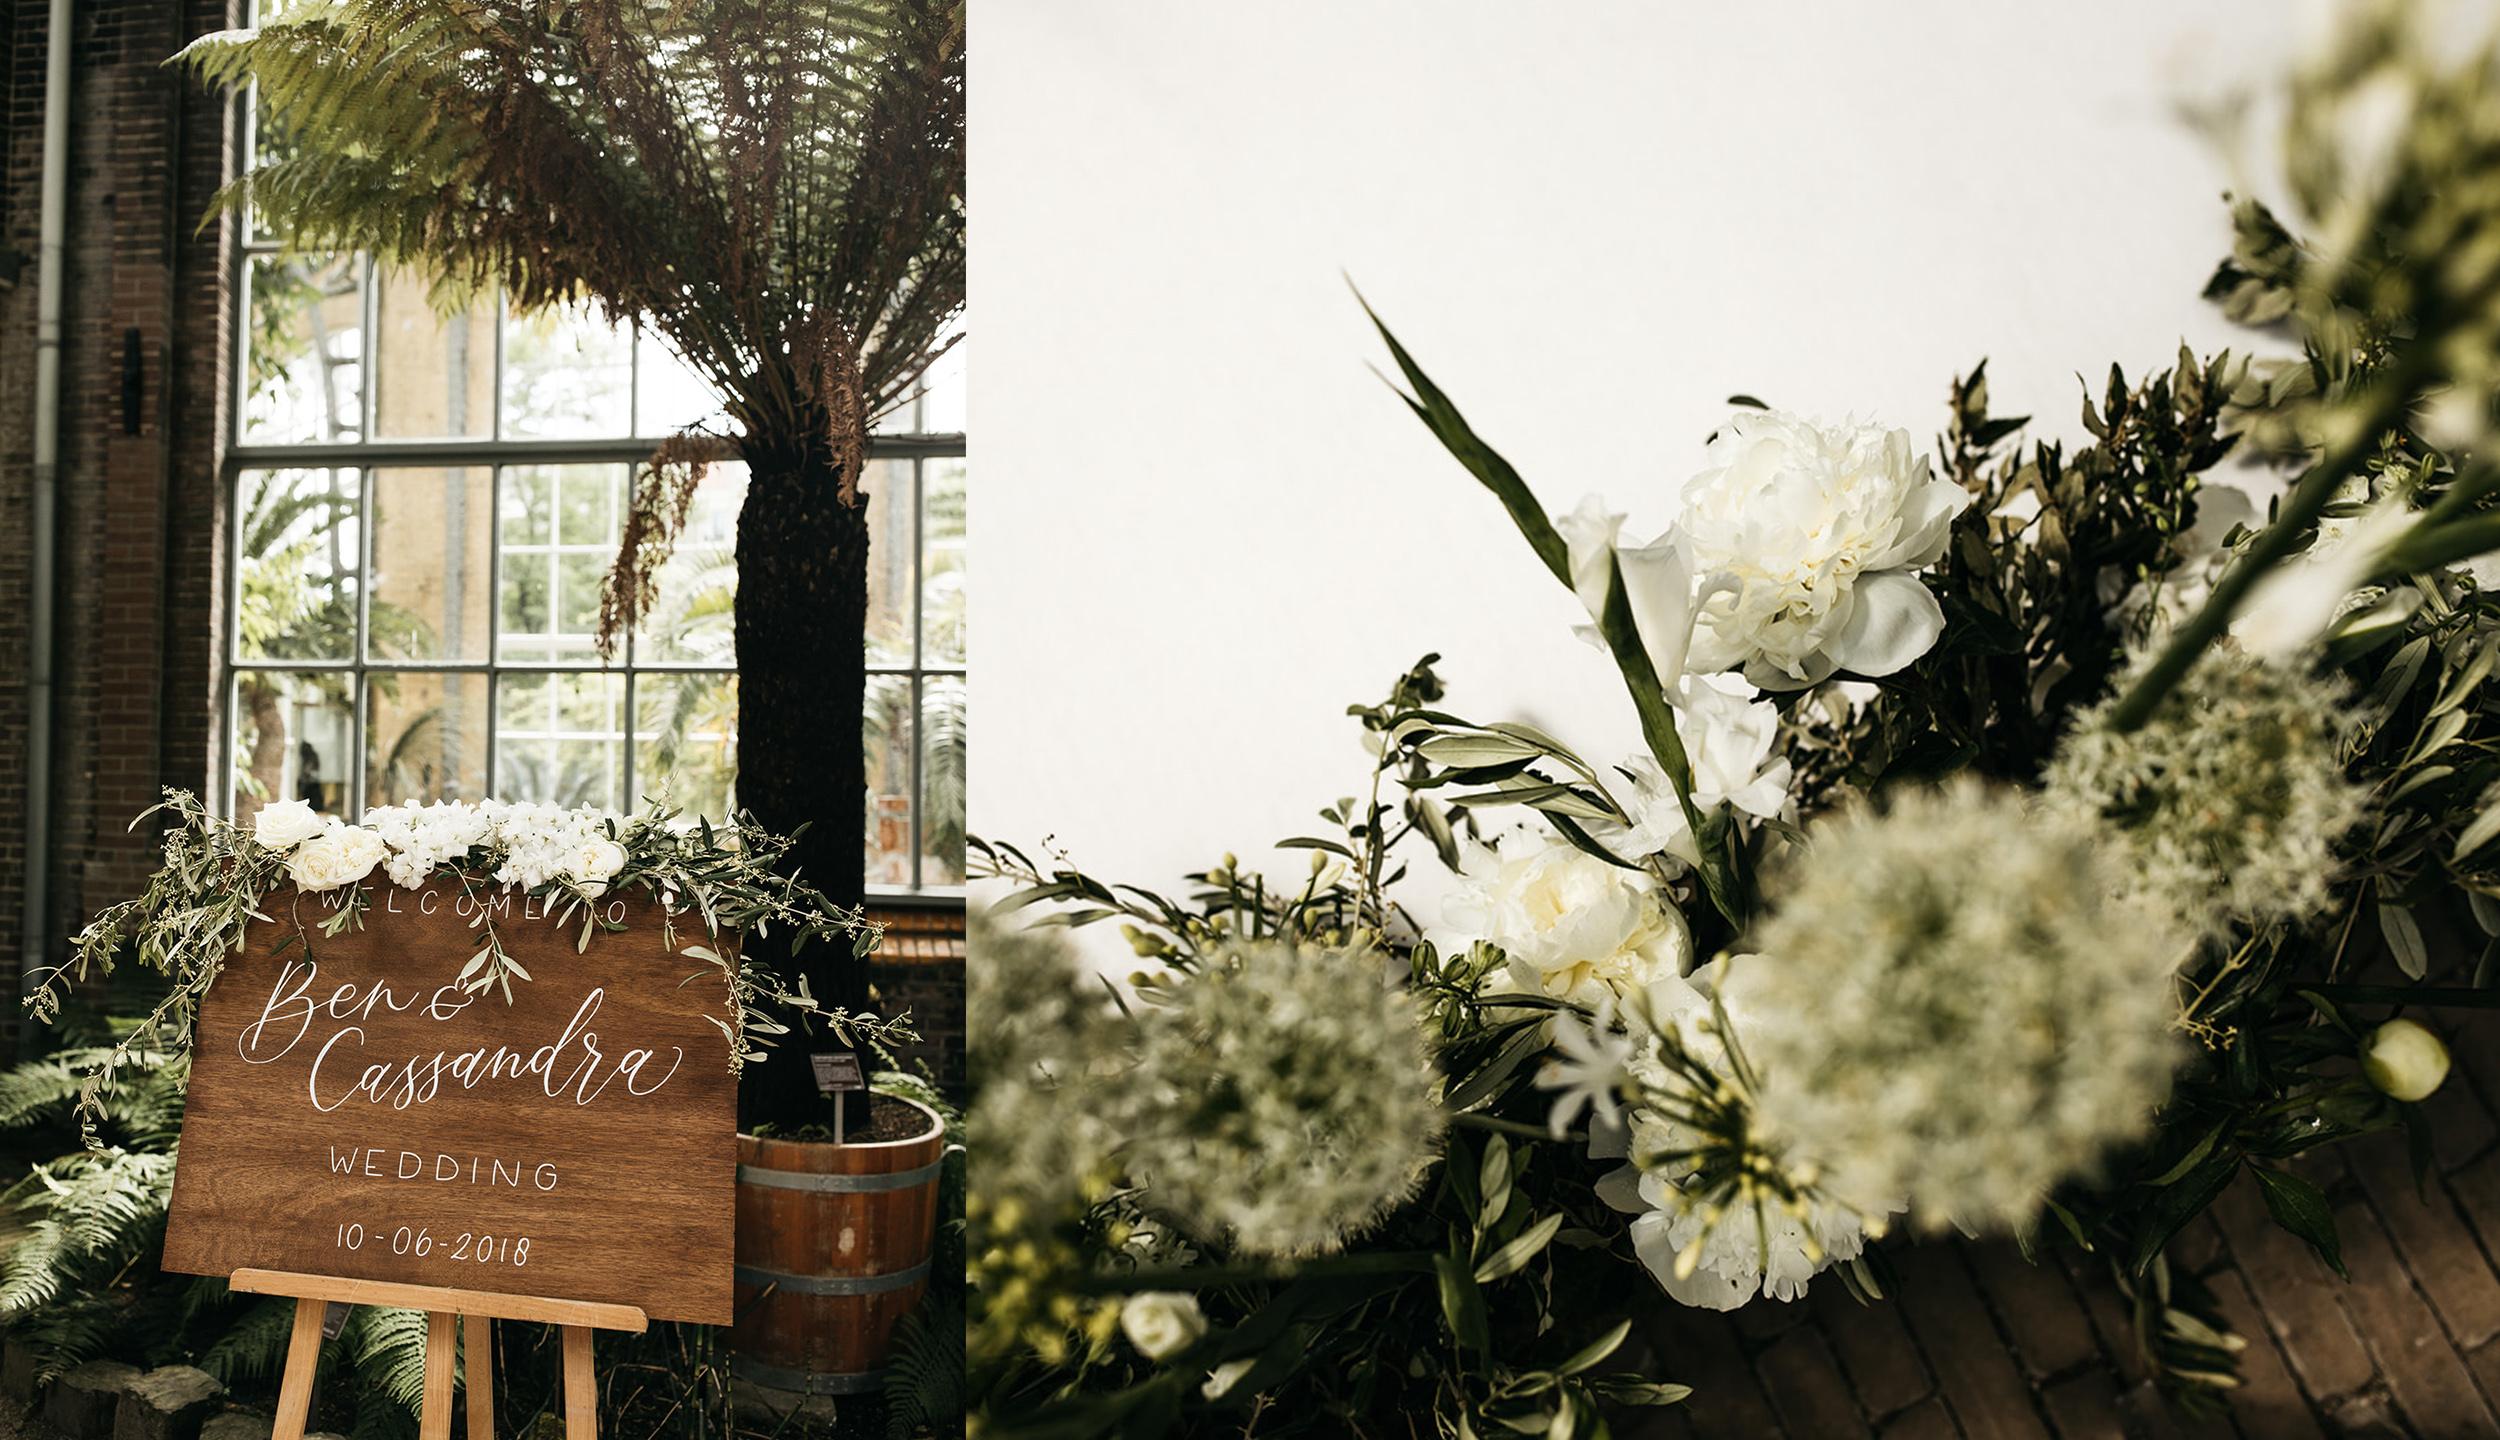 #apbloem #florist #kerkstraat #amsterdam #flowers #bloemen #bloemist #flowers #bouquet #boeket #arrangement #photoshoot #peony #bruiloft #trouwen #bloemenbezorgen #wedding #love #liefde #event #evenement #garden #tuin #bridalgown #bruidsjurk #justmarried #bridalcouple #weddingflowers #weddingphotography #weddinginspiration #white #field #veldbloemen #hortus #garden #greenhouse #welkom